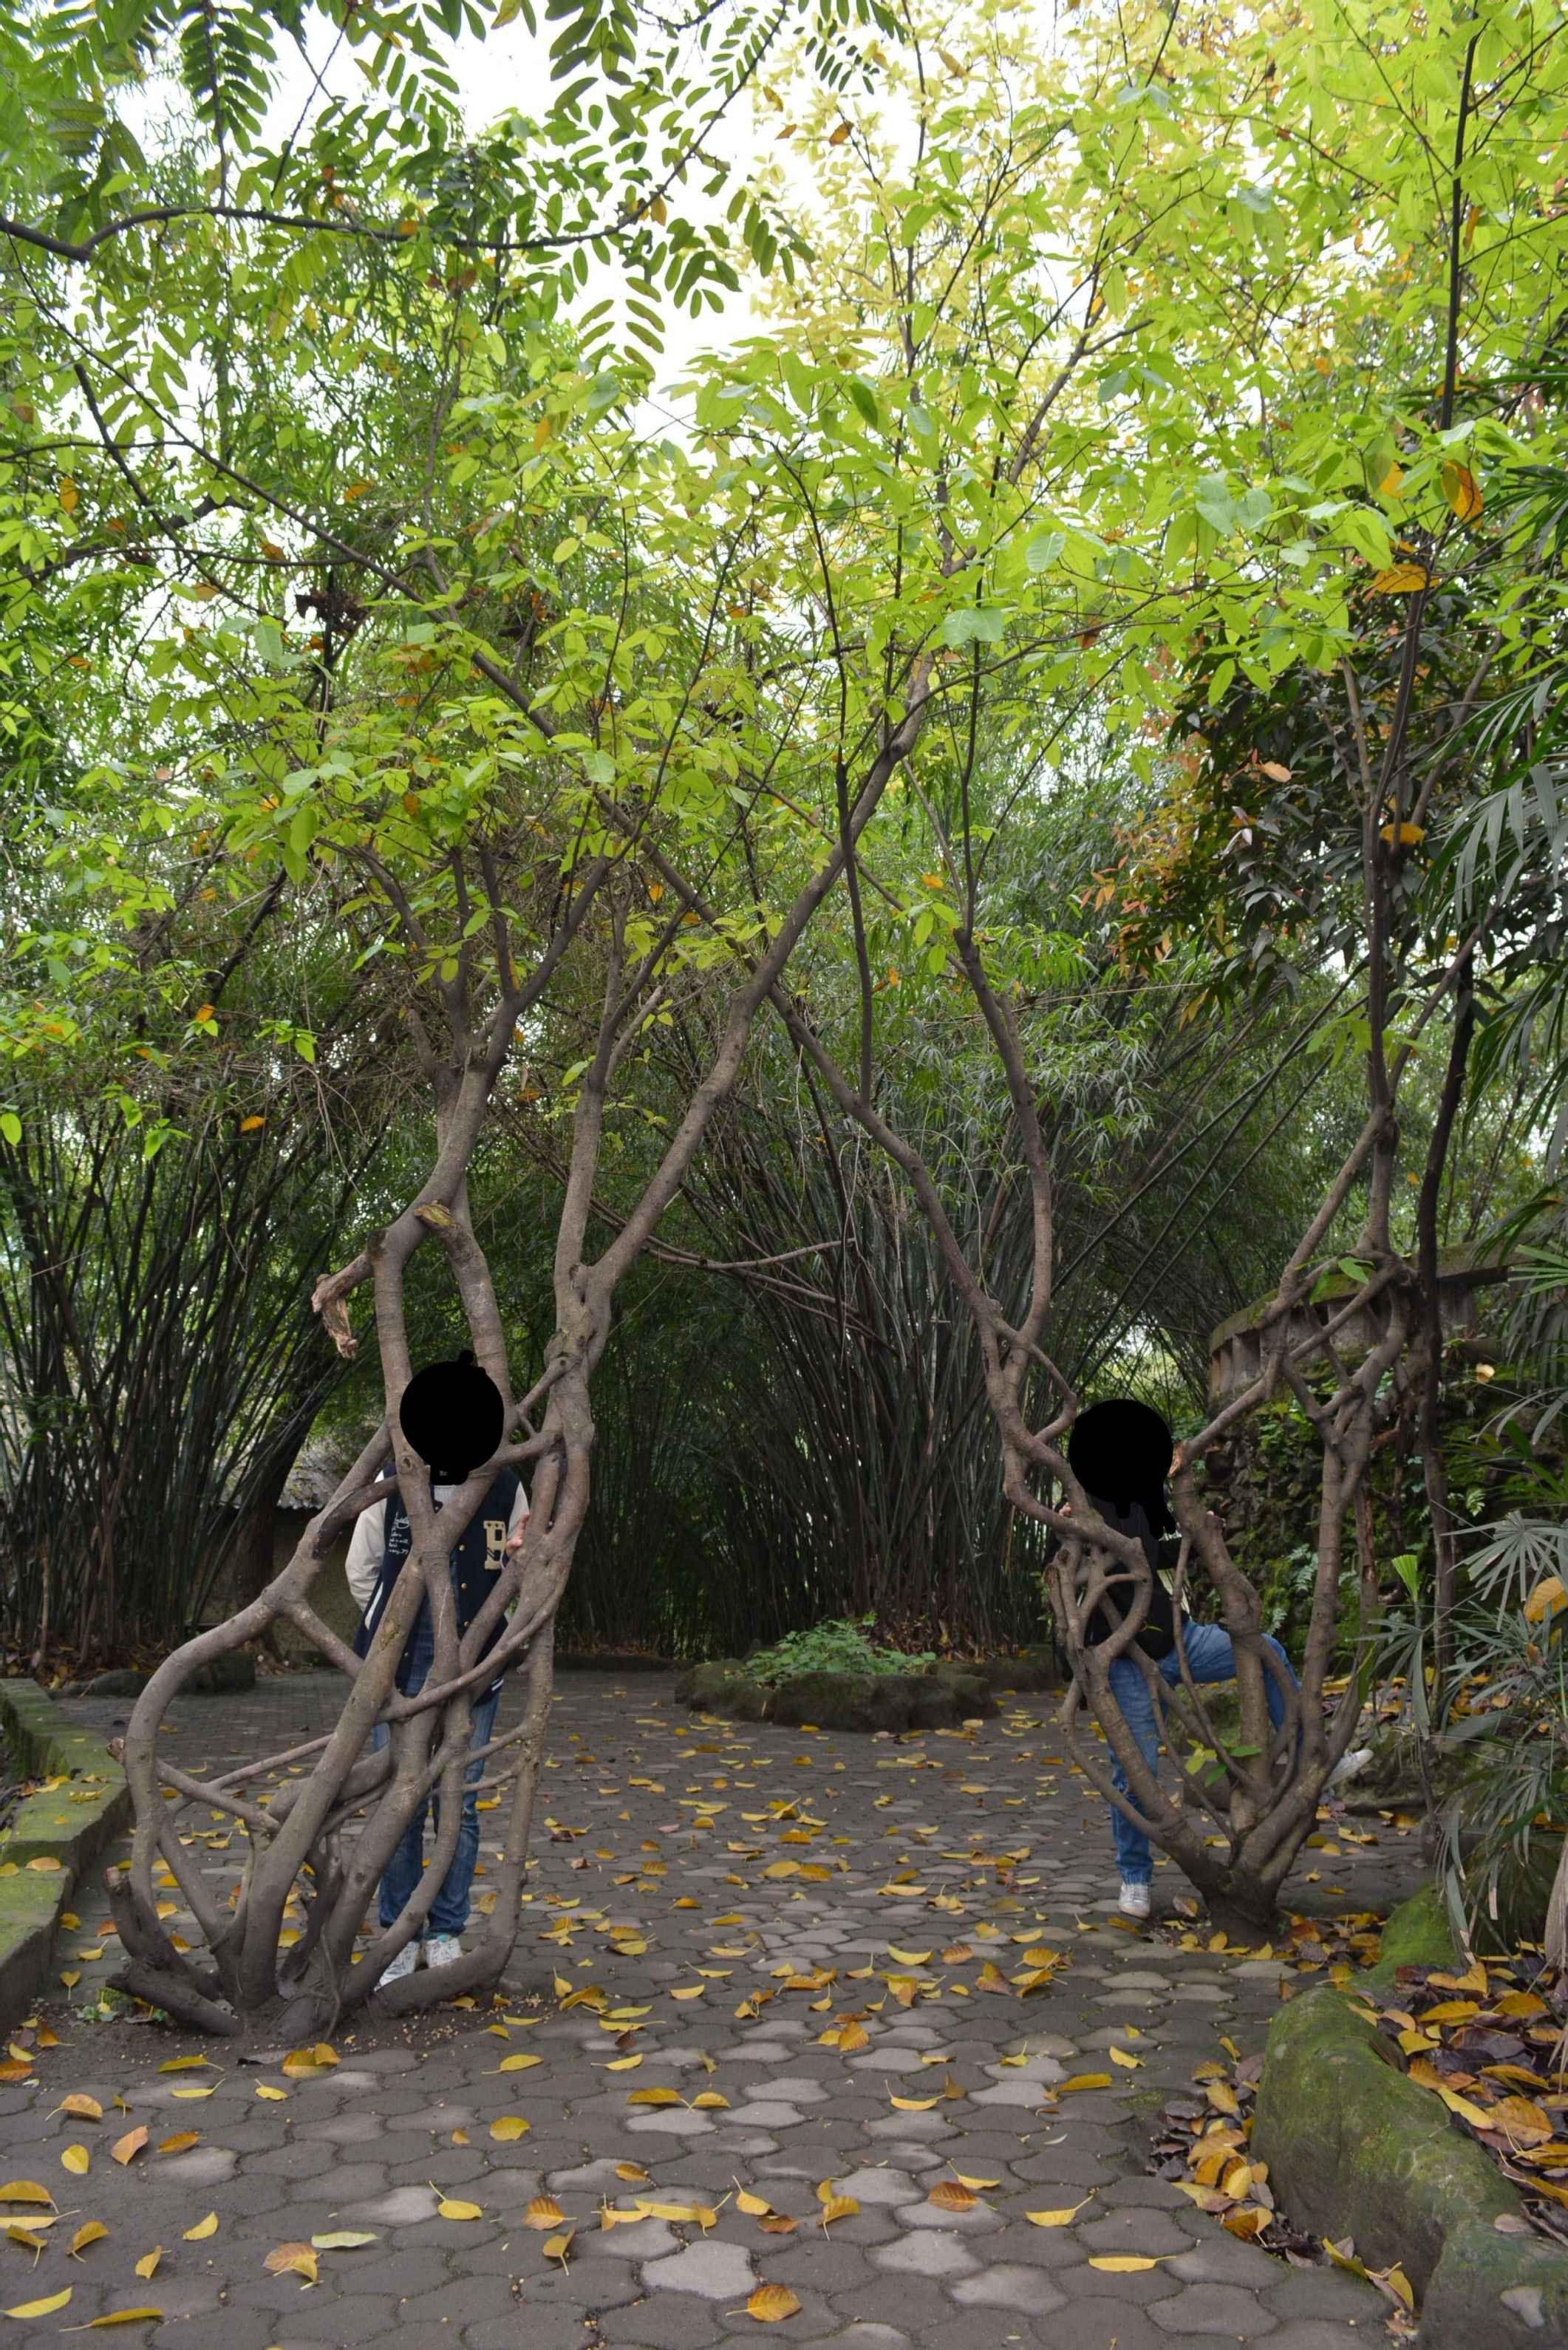 什么的树木_这是什么树?图中那两人所在的那个。。。是什么树木_百度知道